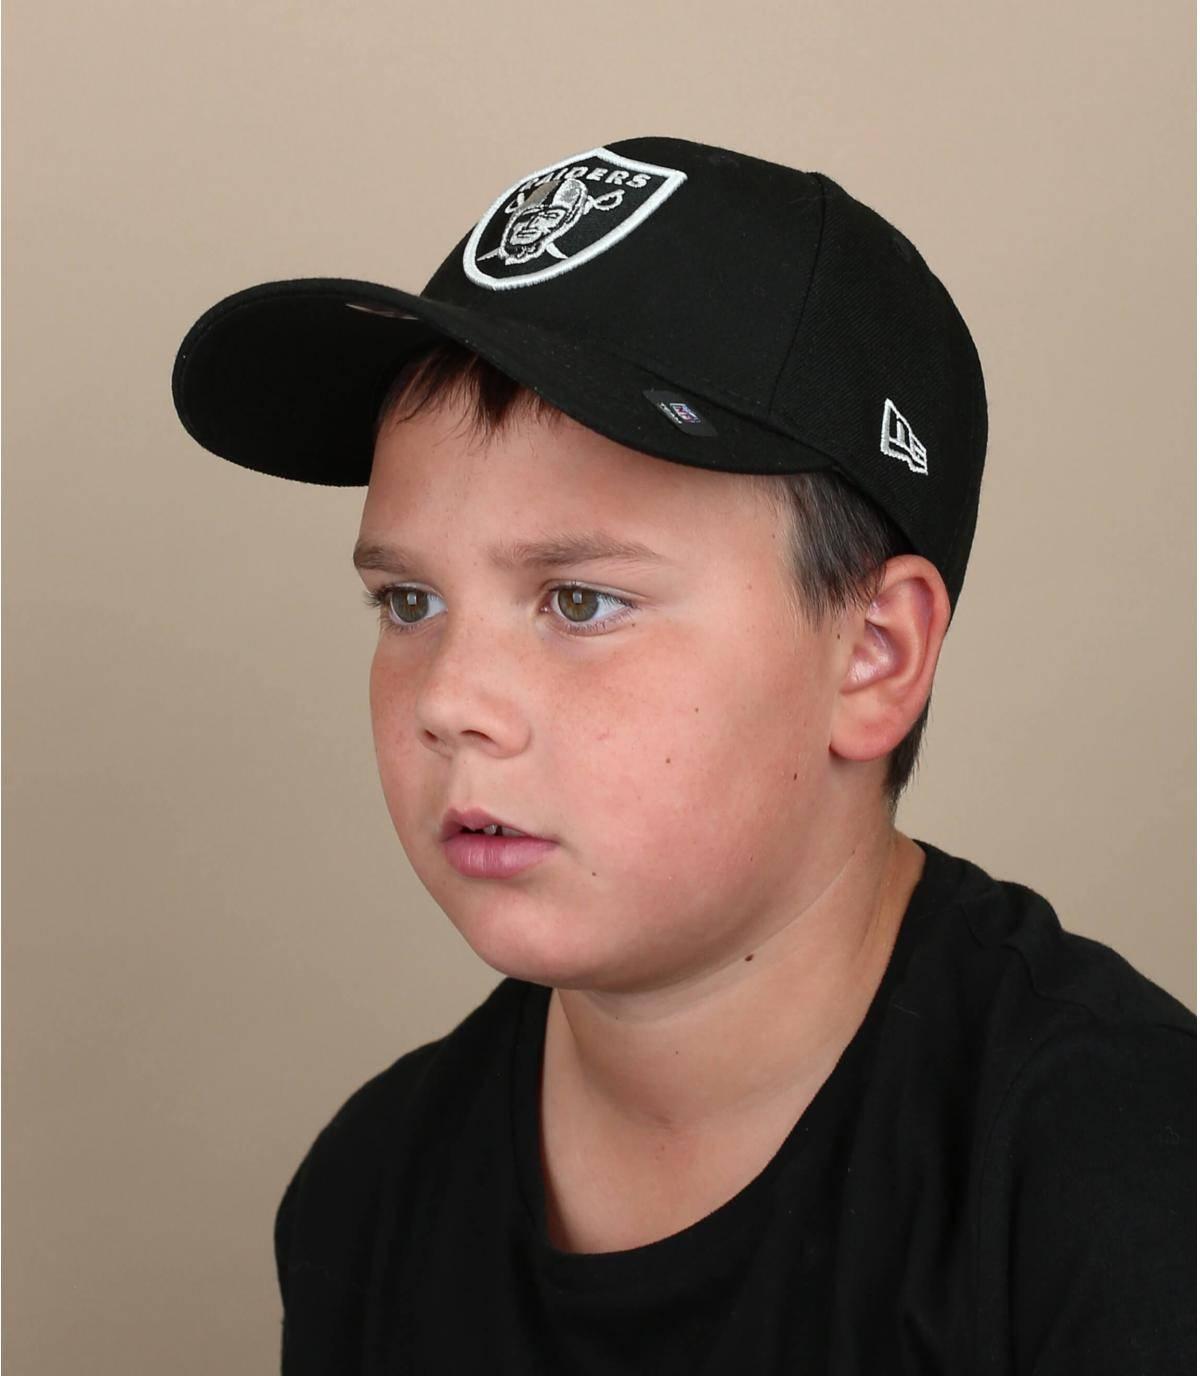 cappellino Raiders bambino